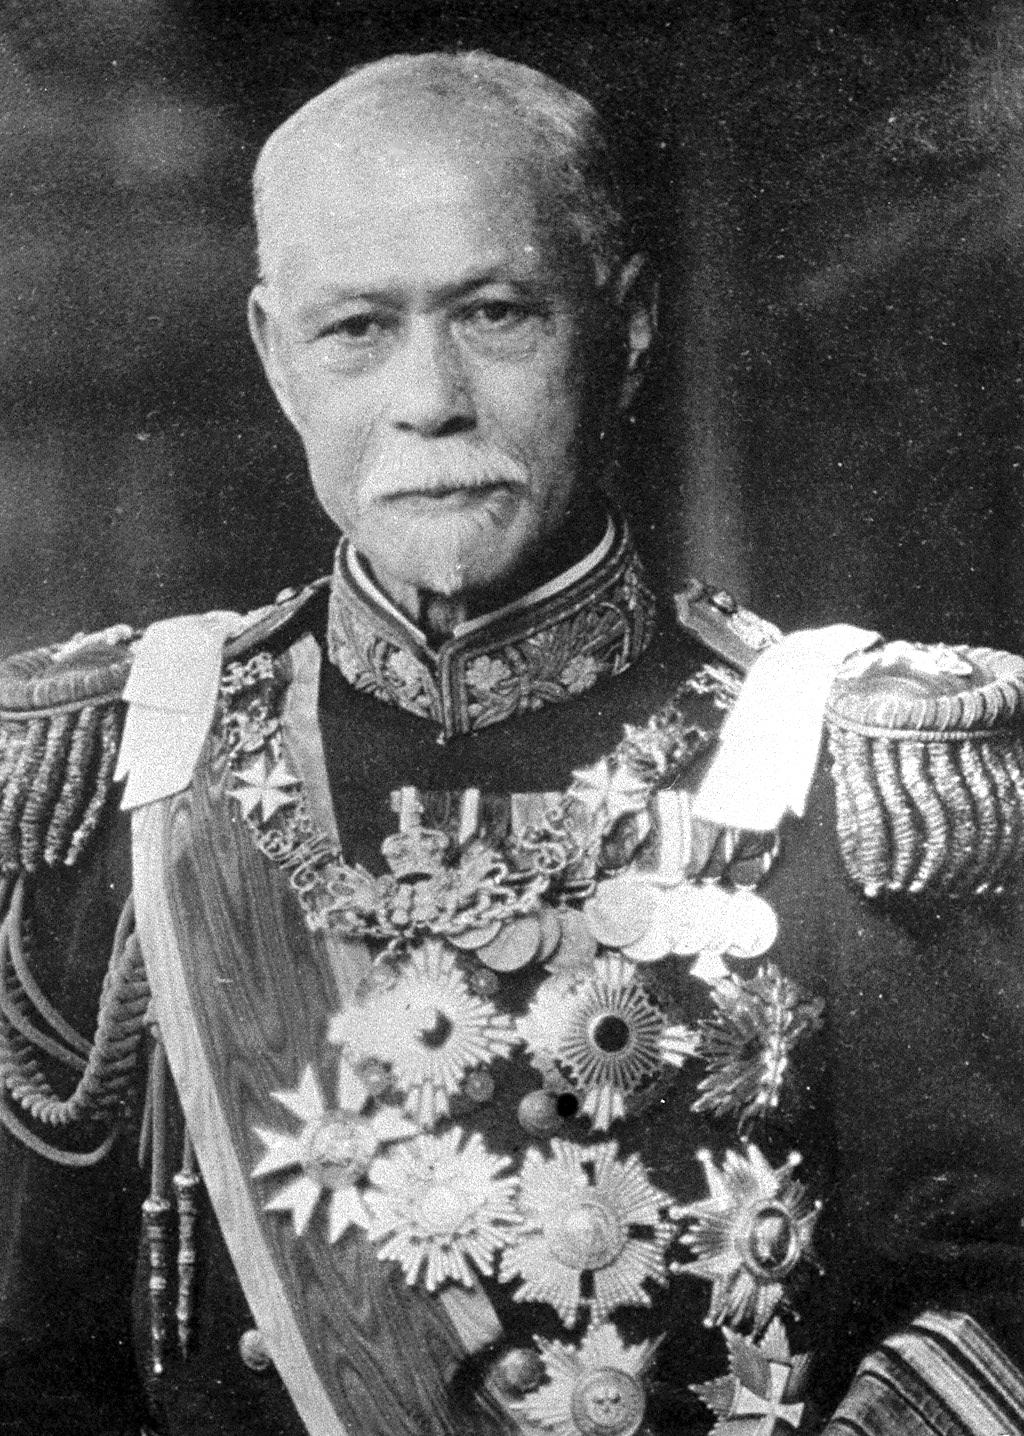 山本権兵衛 - Wikipedia